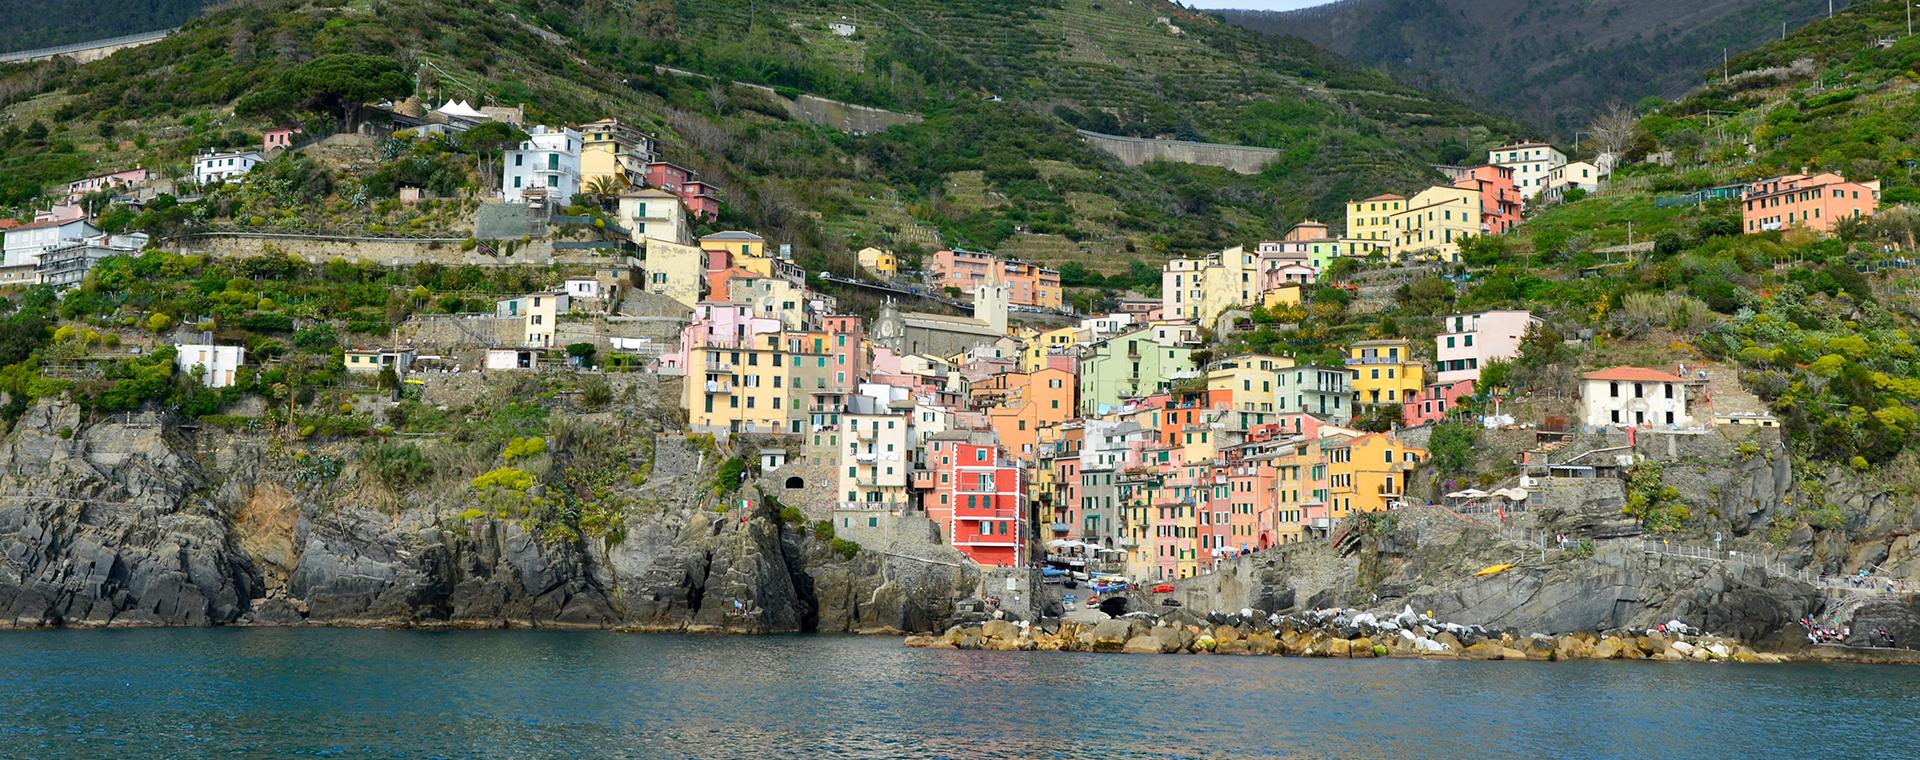 Voyage à pied : Les Cinque Terre, villages de pêcheurs et vignobles en terrasses